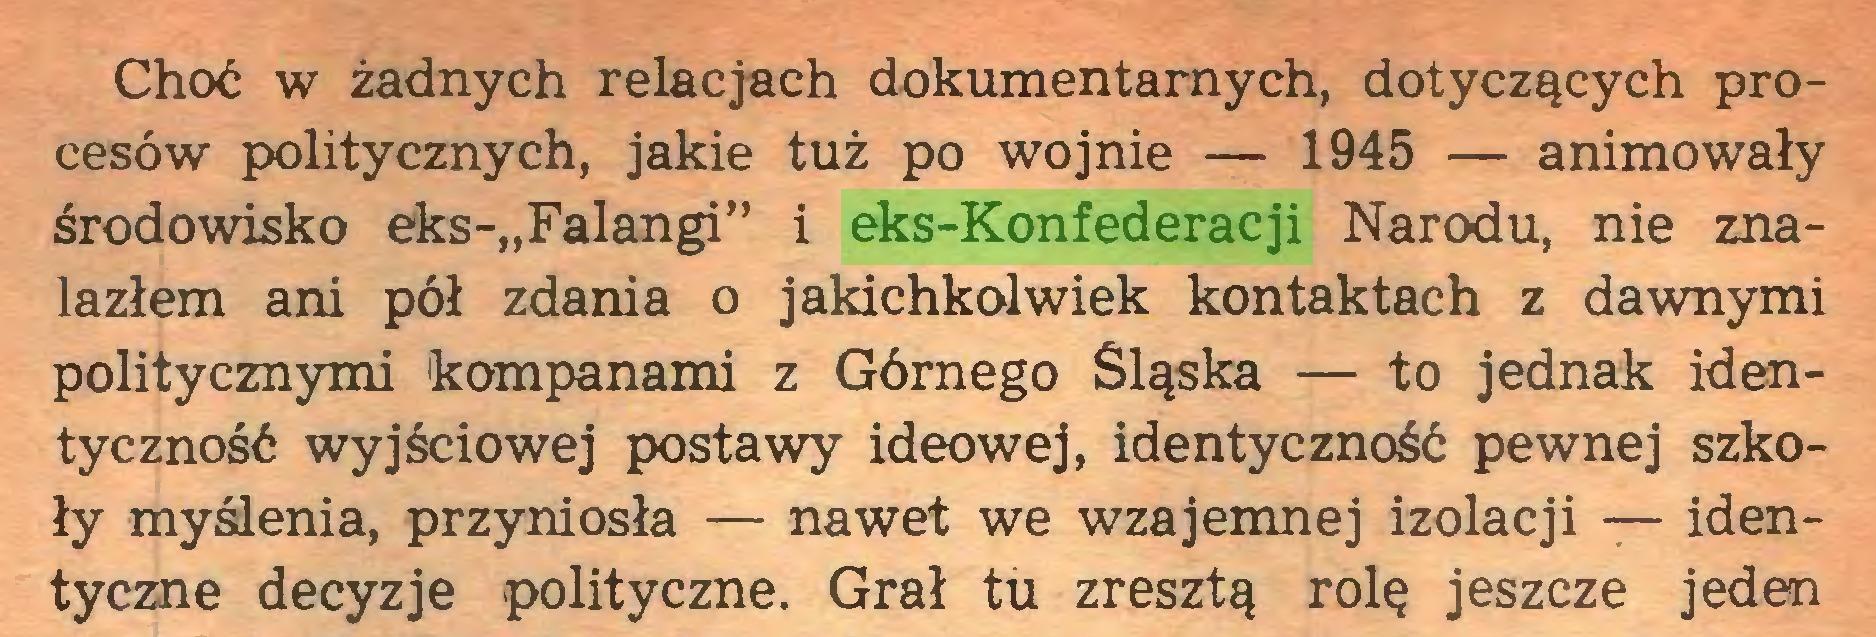 """(...) Choć w żadnych relacjach dokumentarnych, dotyczących procesów politycznych, jakie tuż po wojnie — 1945 — animowały środowisko eks-""""Falangi"""" i eks-Konfederacji Narodu, nie znalazłem ani pół zdania o jakichkolwiek kontaktach z dawnymi politycznymi kompanami z Górnego Śląska — to jednak identyczność wyjściowej postawy ideowej, identyczność pewnej szkoły myślenia, przyniosła — nawet we wzajemnej izolacji — identyczne decyzje polityczne. Grał tu zresztą rolę jeszcze jeden..."""